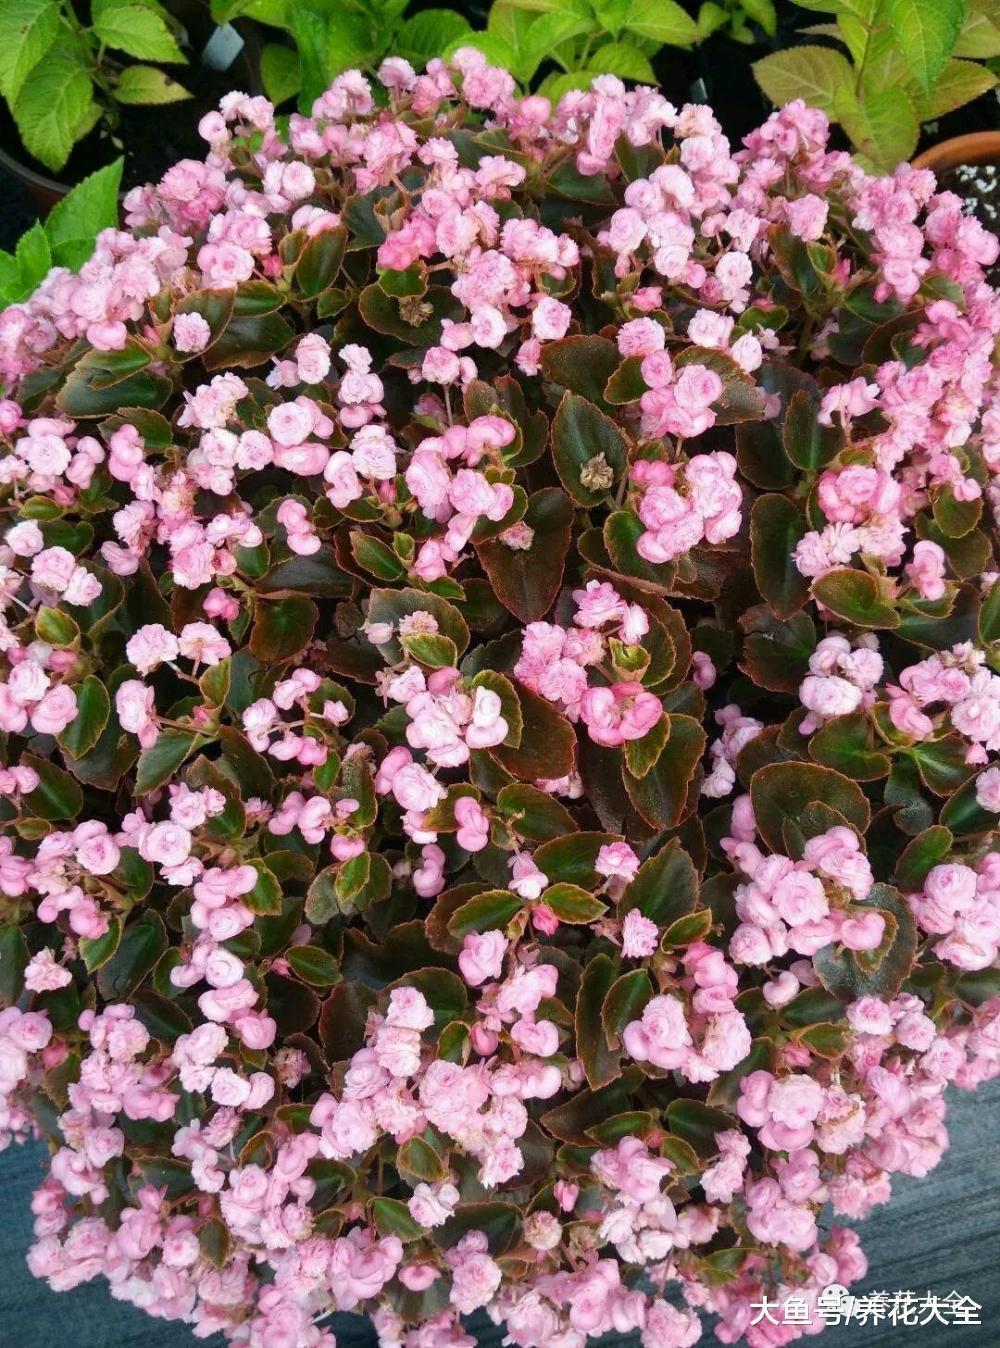 这10种花, 千万别朝叶片喷水, 要不喷1盆死1盆!